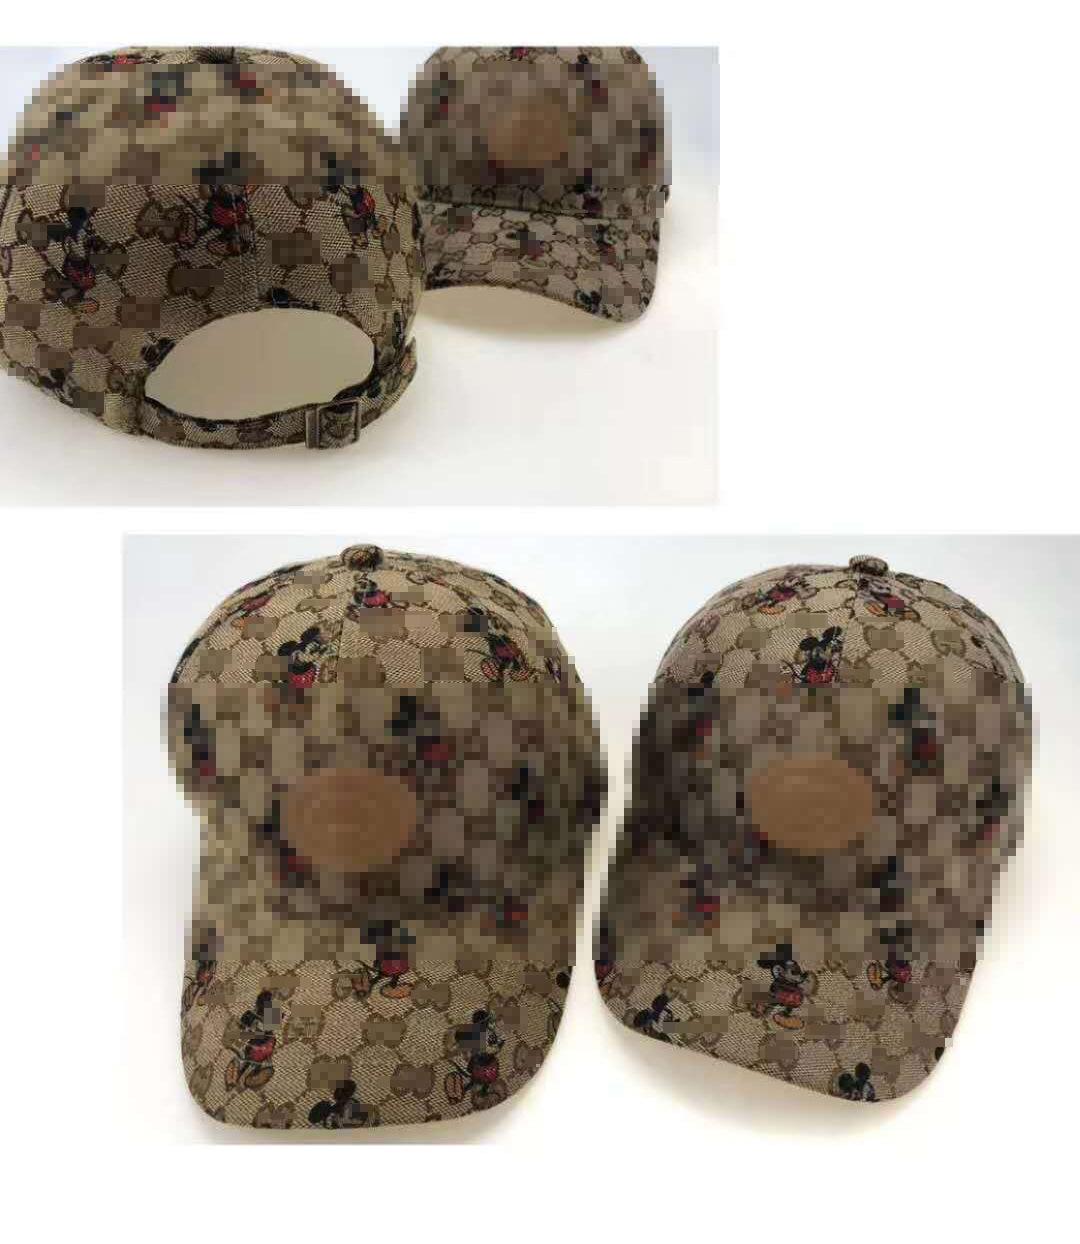 米老鼠G字母帽子新款G家棒球帽米奇网红同款户外运动百搭帽子批发